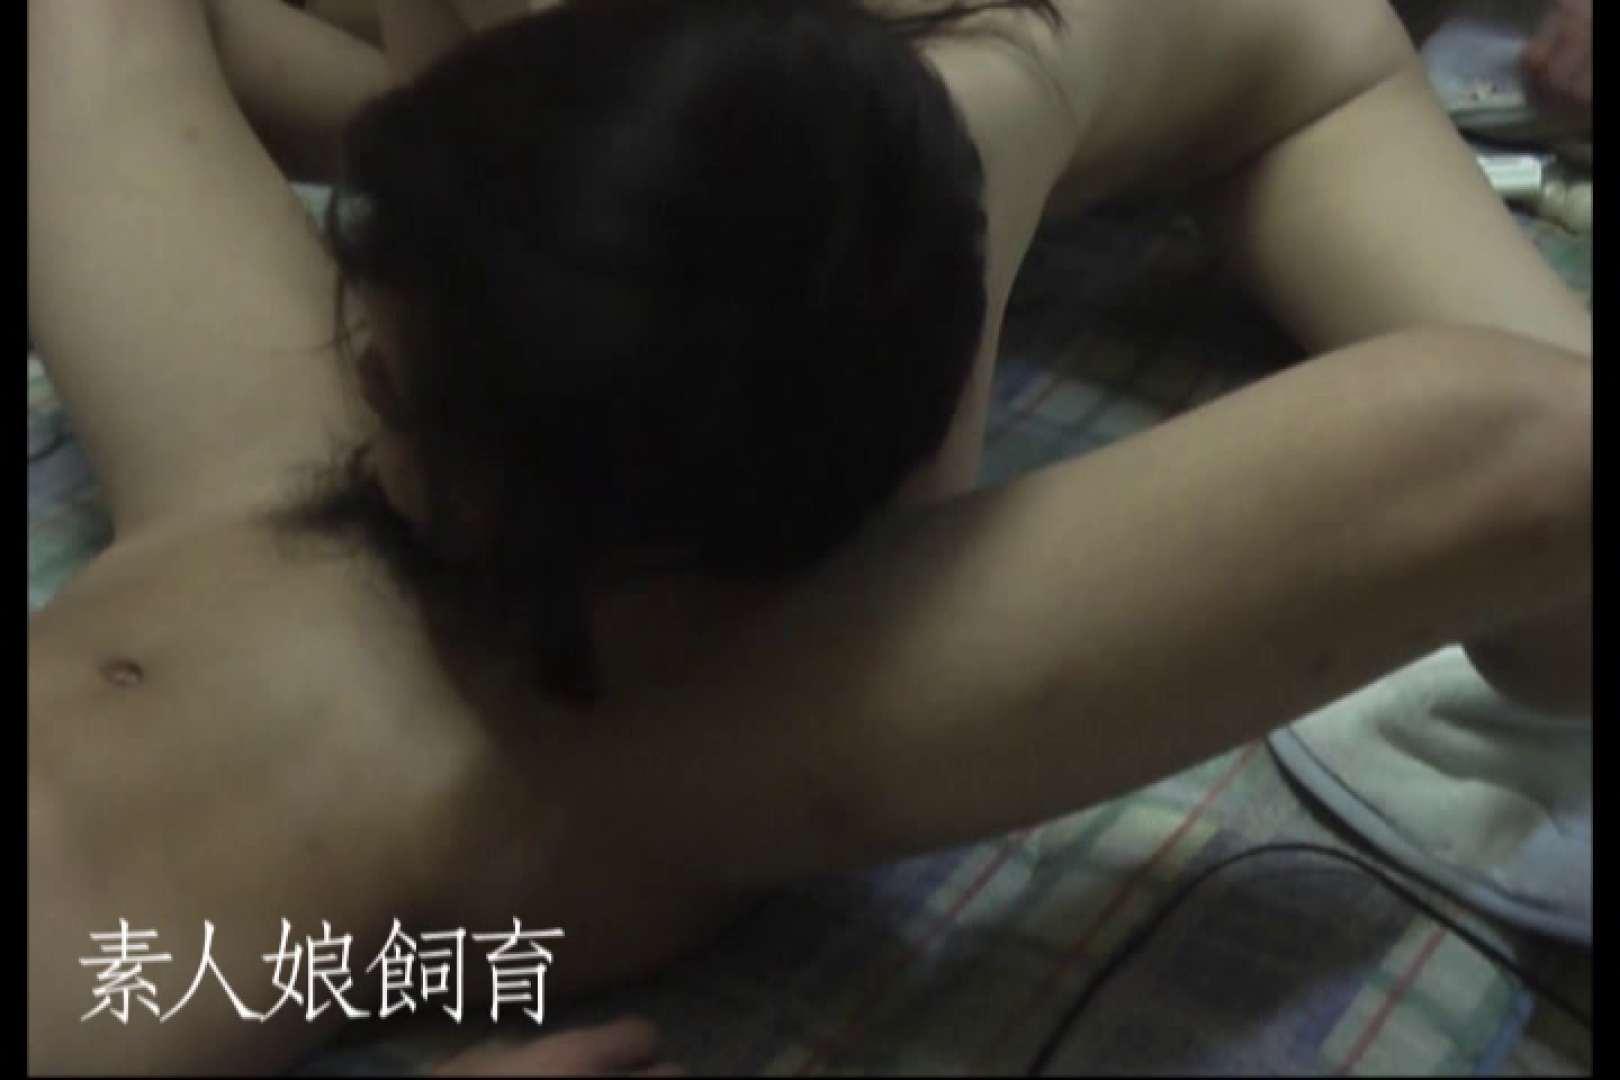 素人娘飼育~お前の餌は他人棒~鬼畜輪●中編 マンコ映像 AV無料 77連発 45